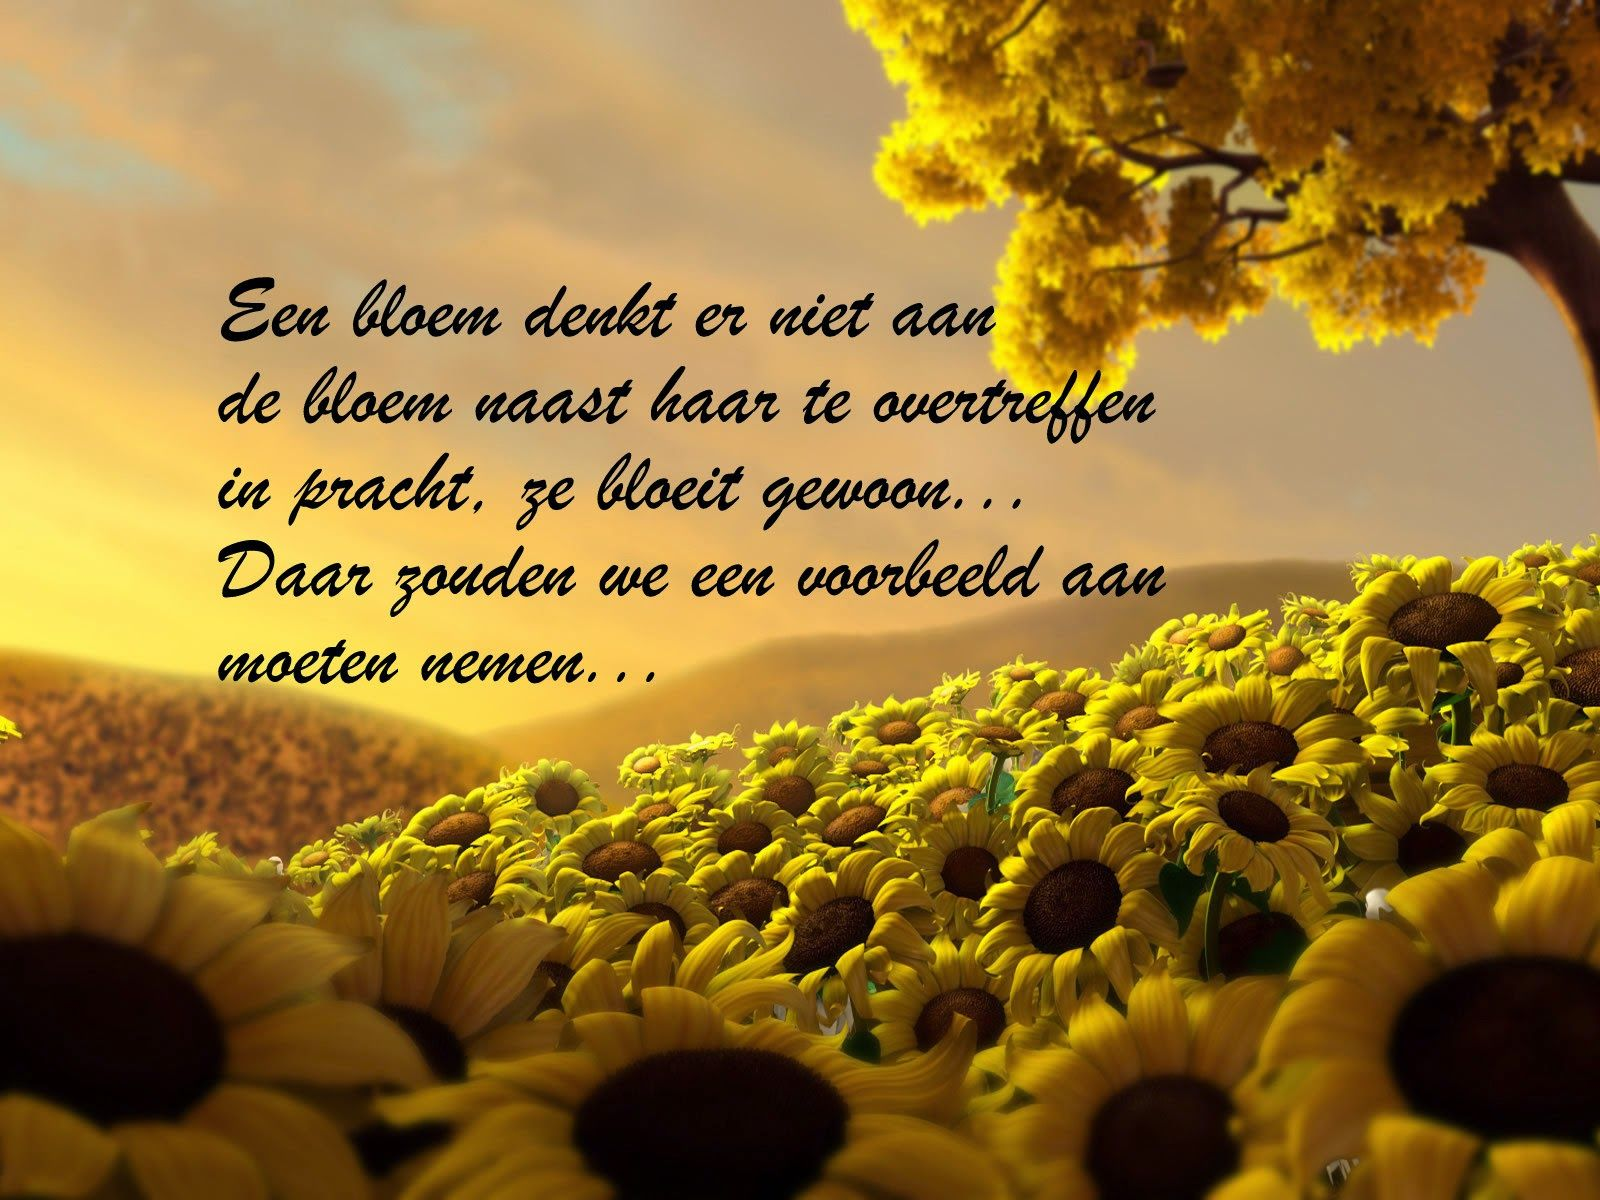 Citaten Over De Dood : Citaten en wijze woorden uit de islam nederlandse quotes